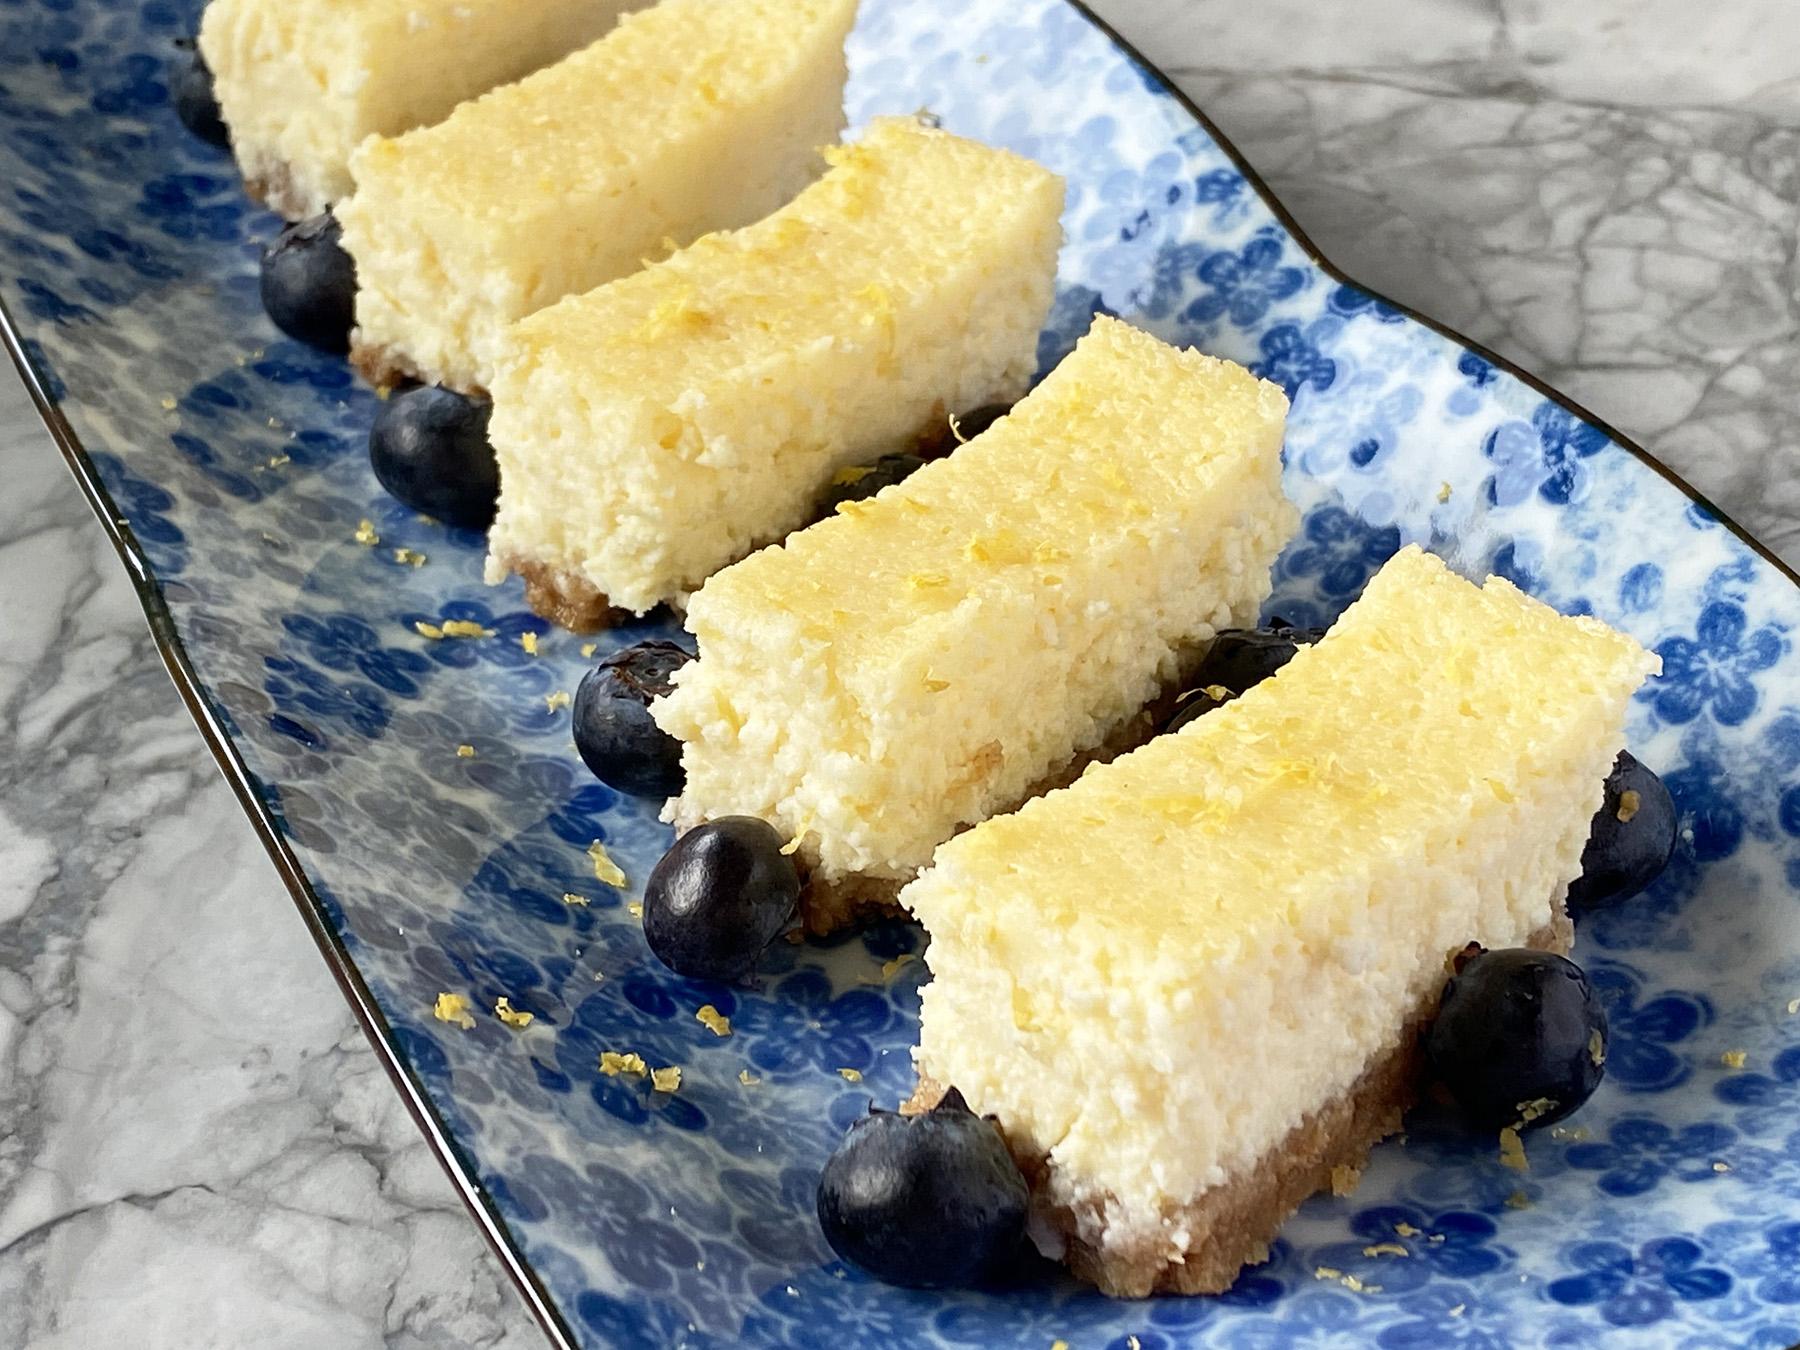 Limoncello Ricotta Cheesecake